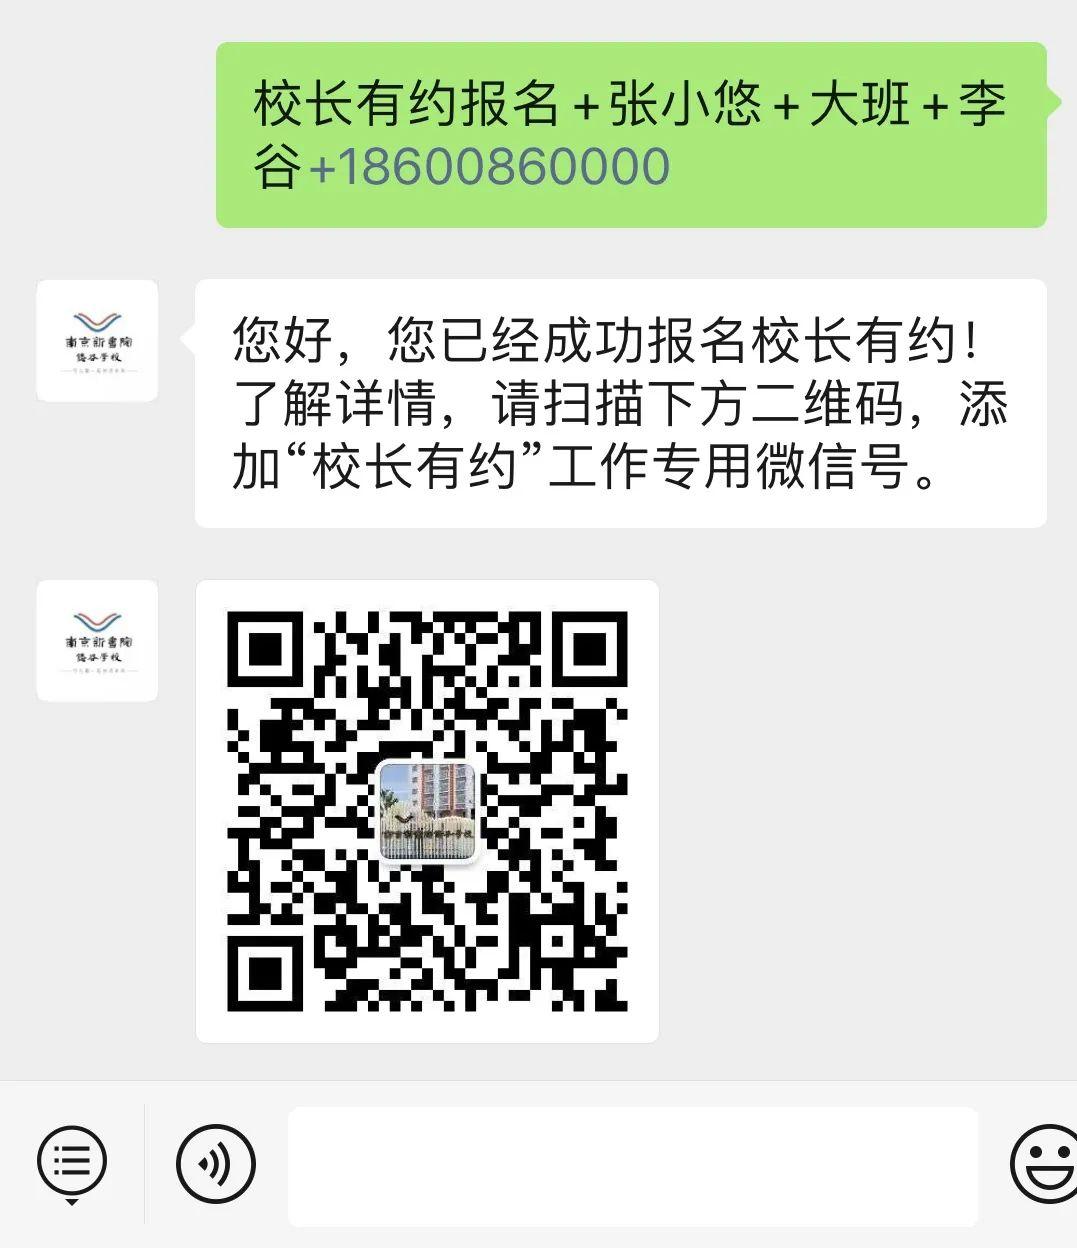 2021年南京新书院悠谷学校招生简章